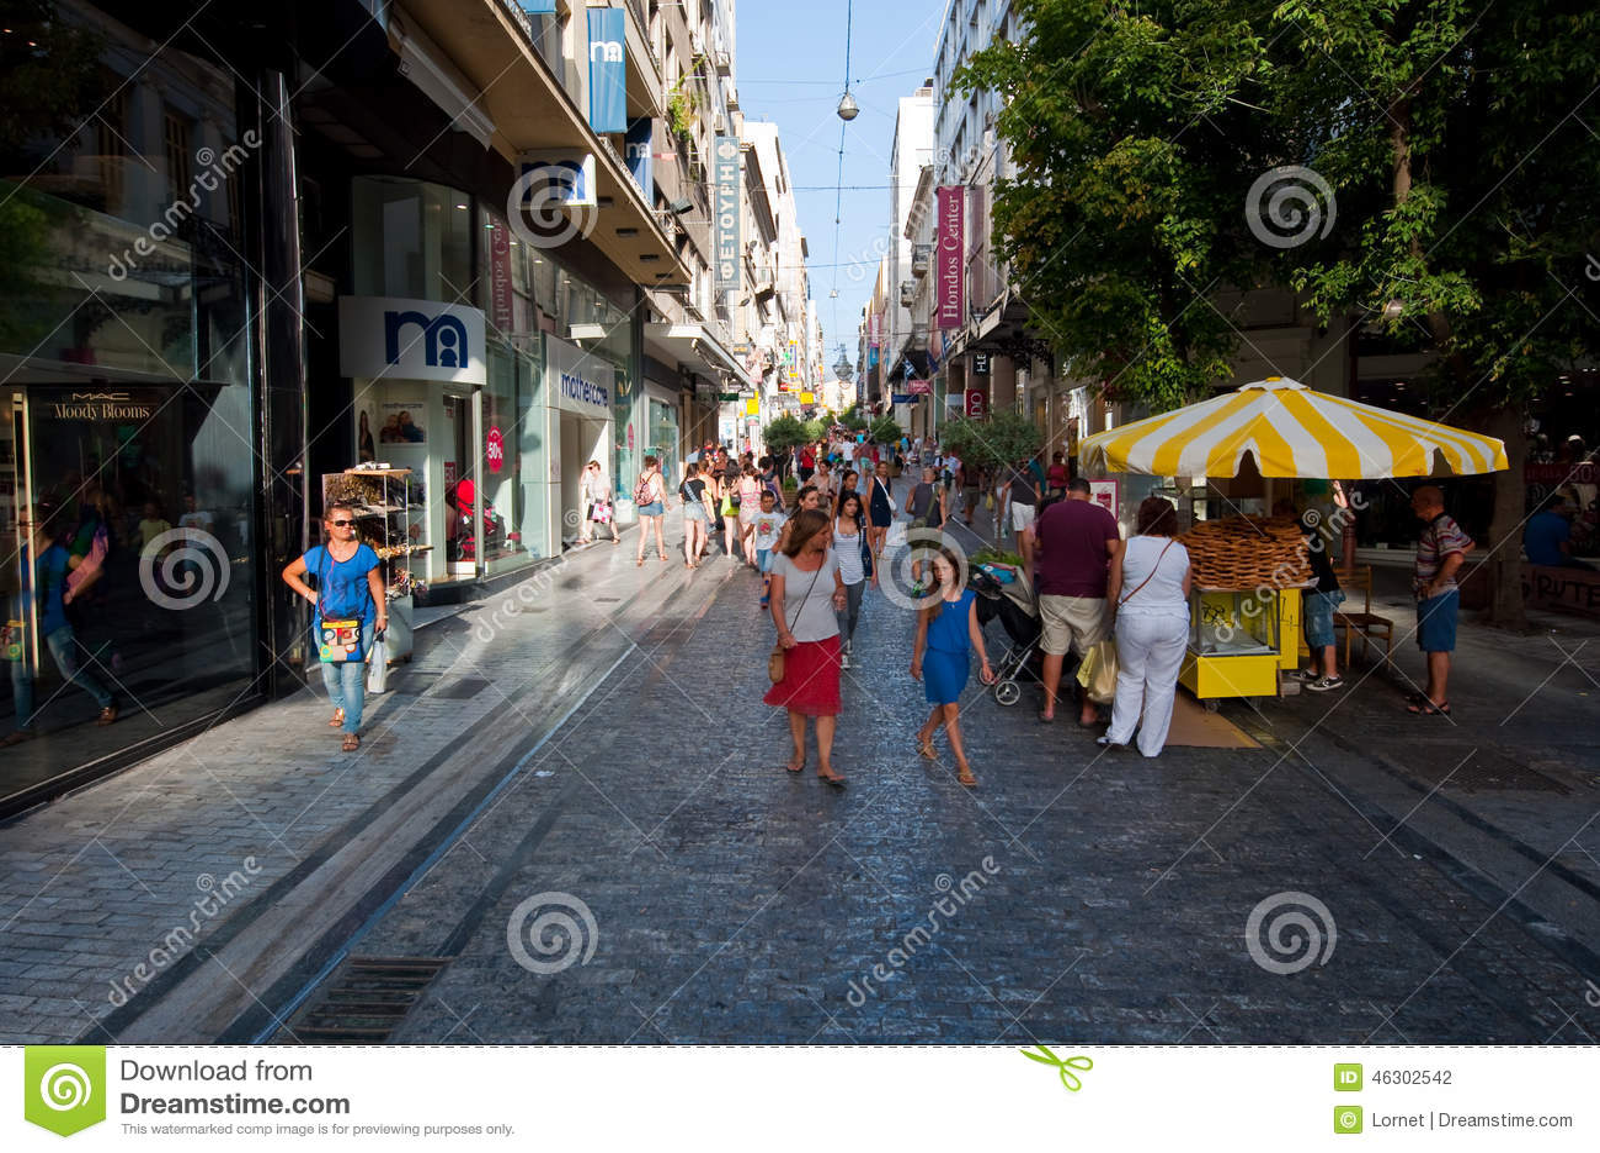 ΑΘΗΝΑ 22 ΑΥΓΟΎΣΤΟΥ: Ψωνίζοντας στην οδό Ermou με το πλήθος των ανθρώπων στις 22 Αυγούστου 2014 στην Αθήνα, Ελλάδα